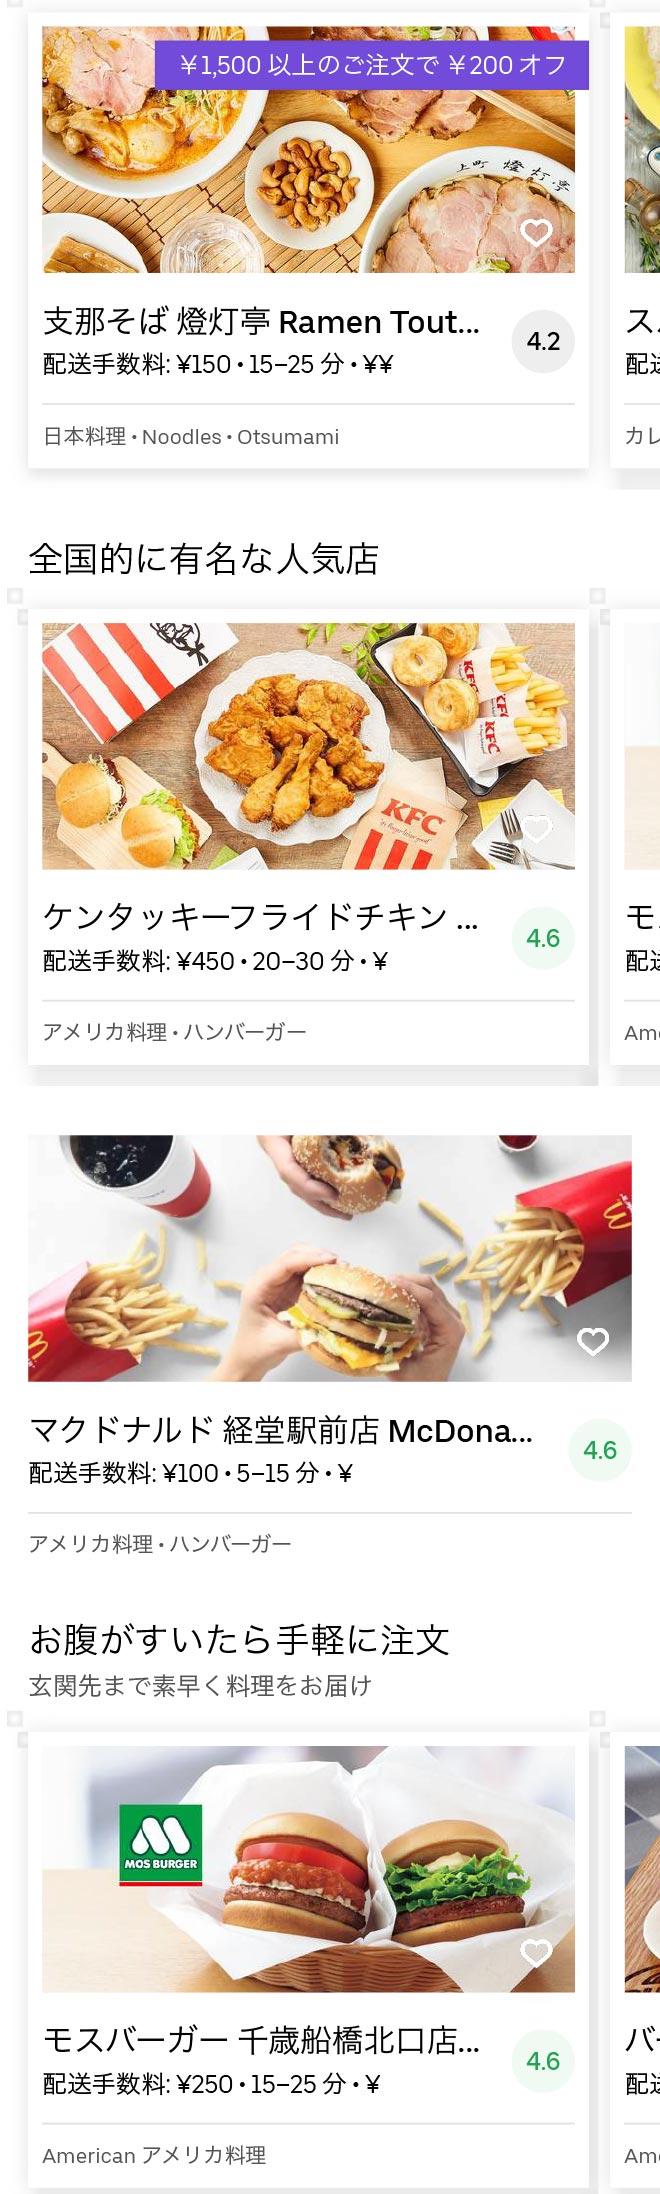 Tokyo kyodo menu 2005 01